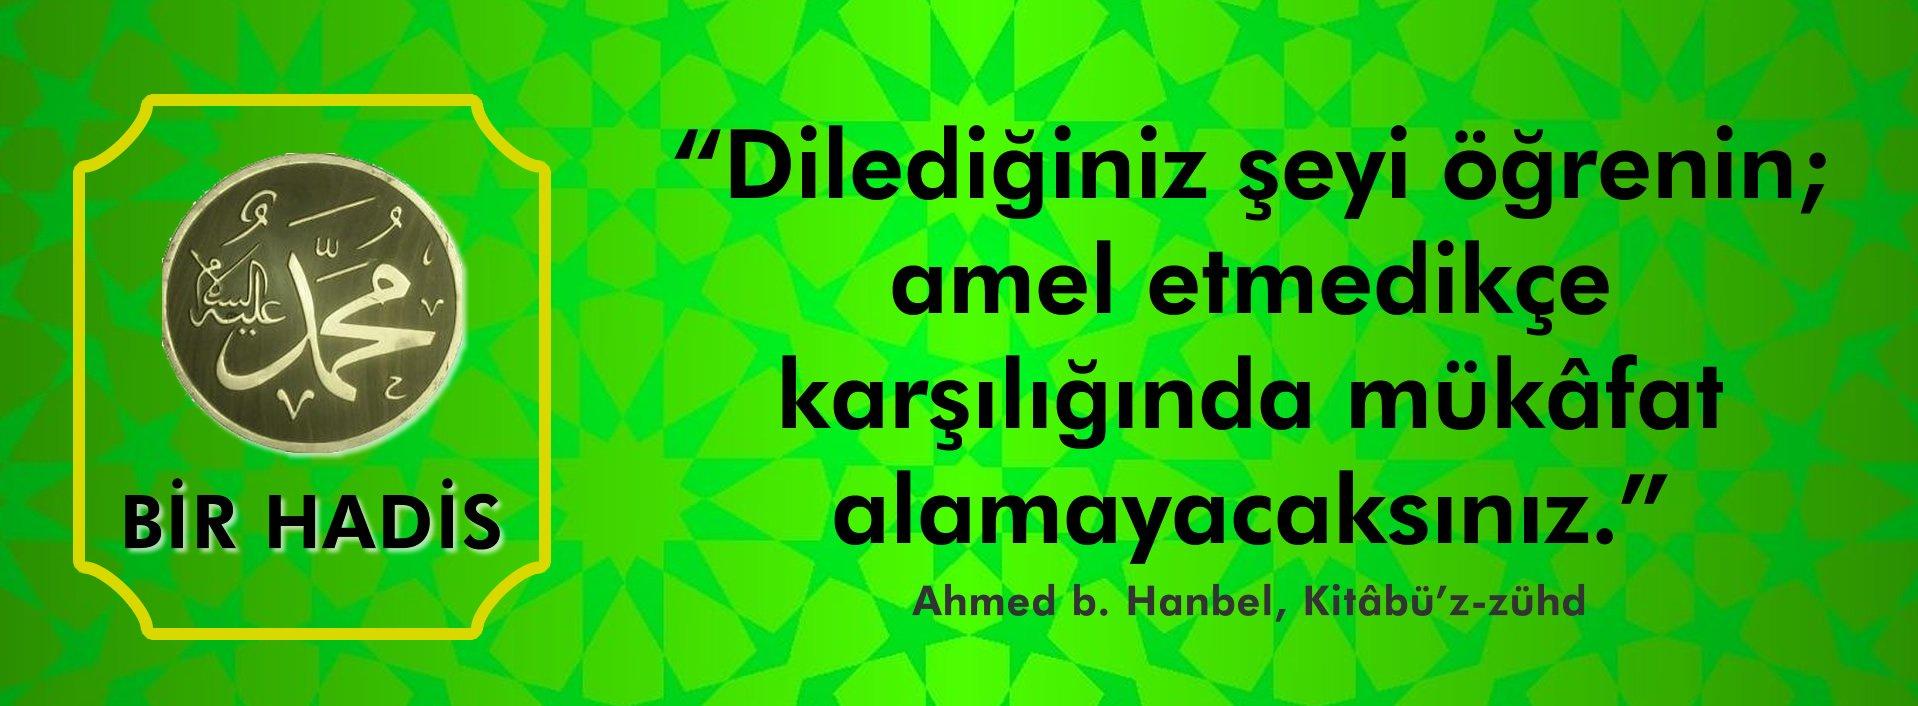 hadis_116